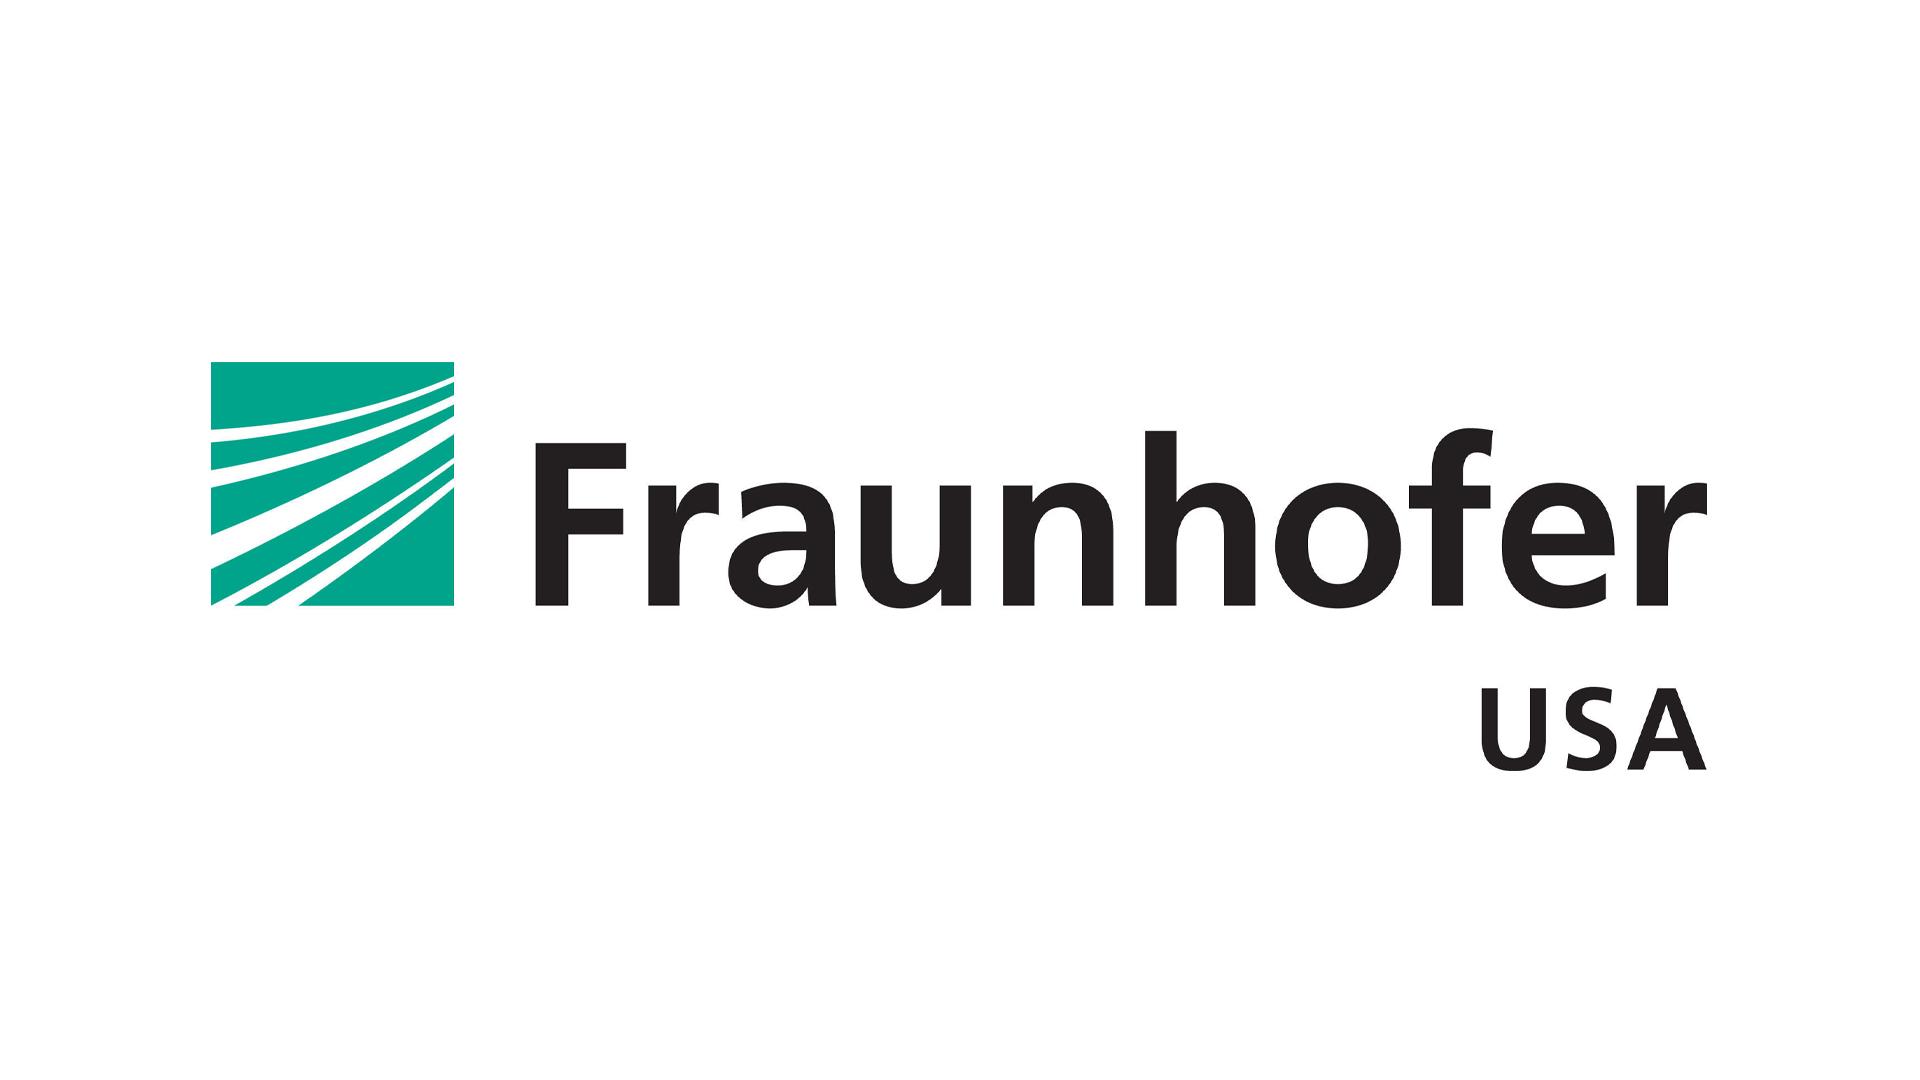 Fraunhofer USA